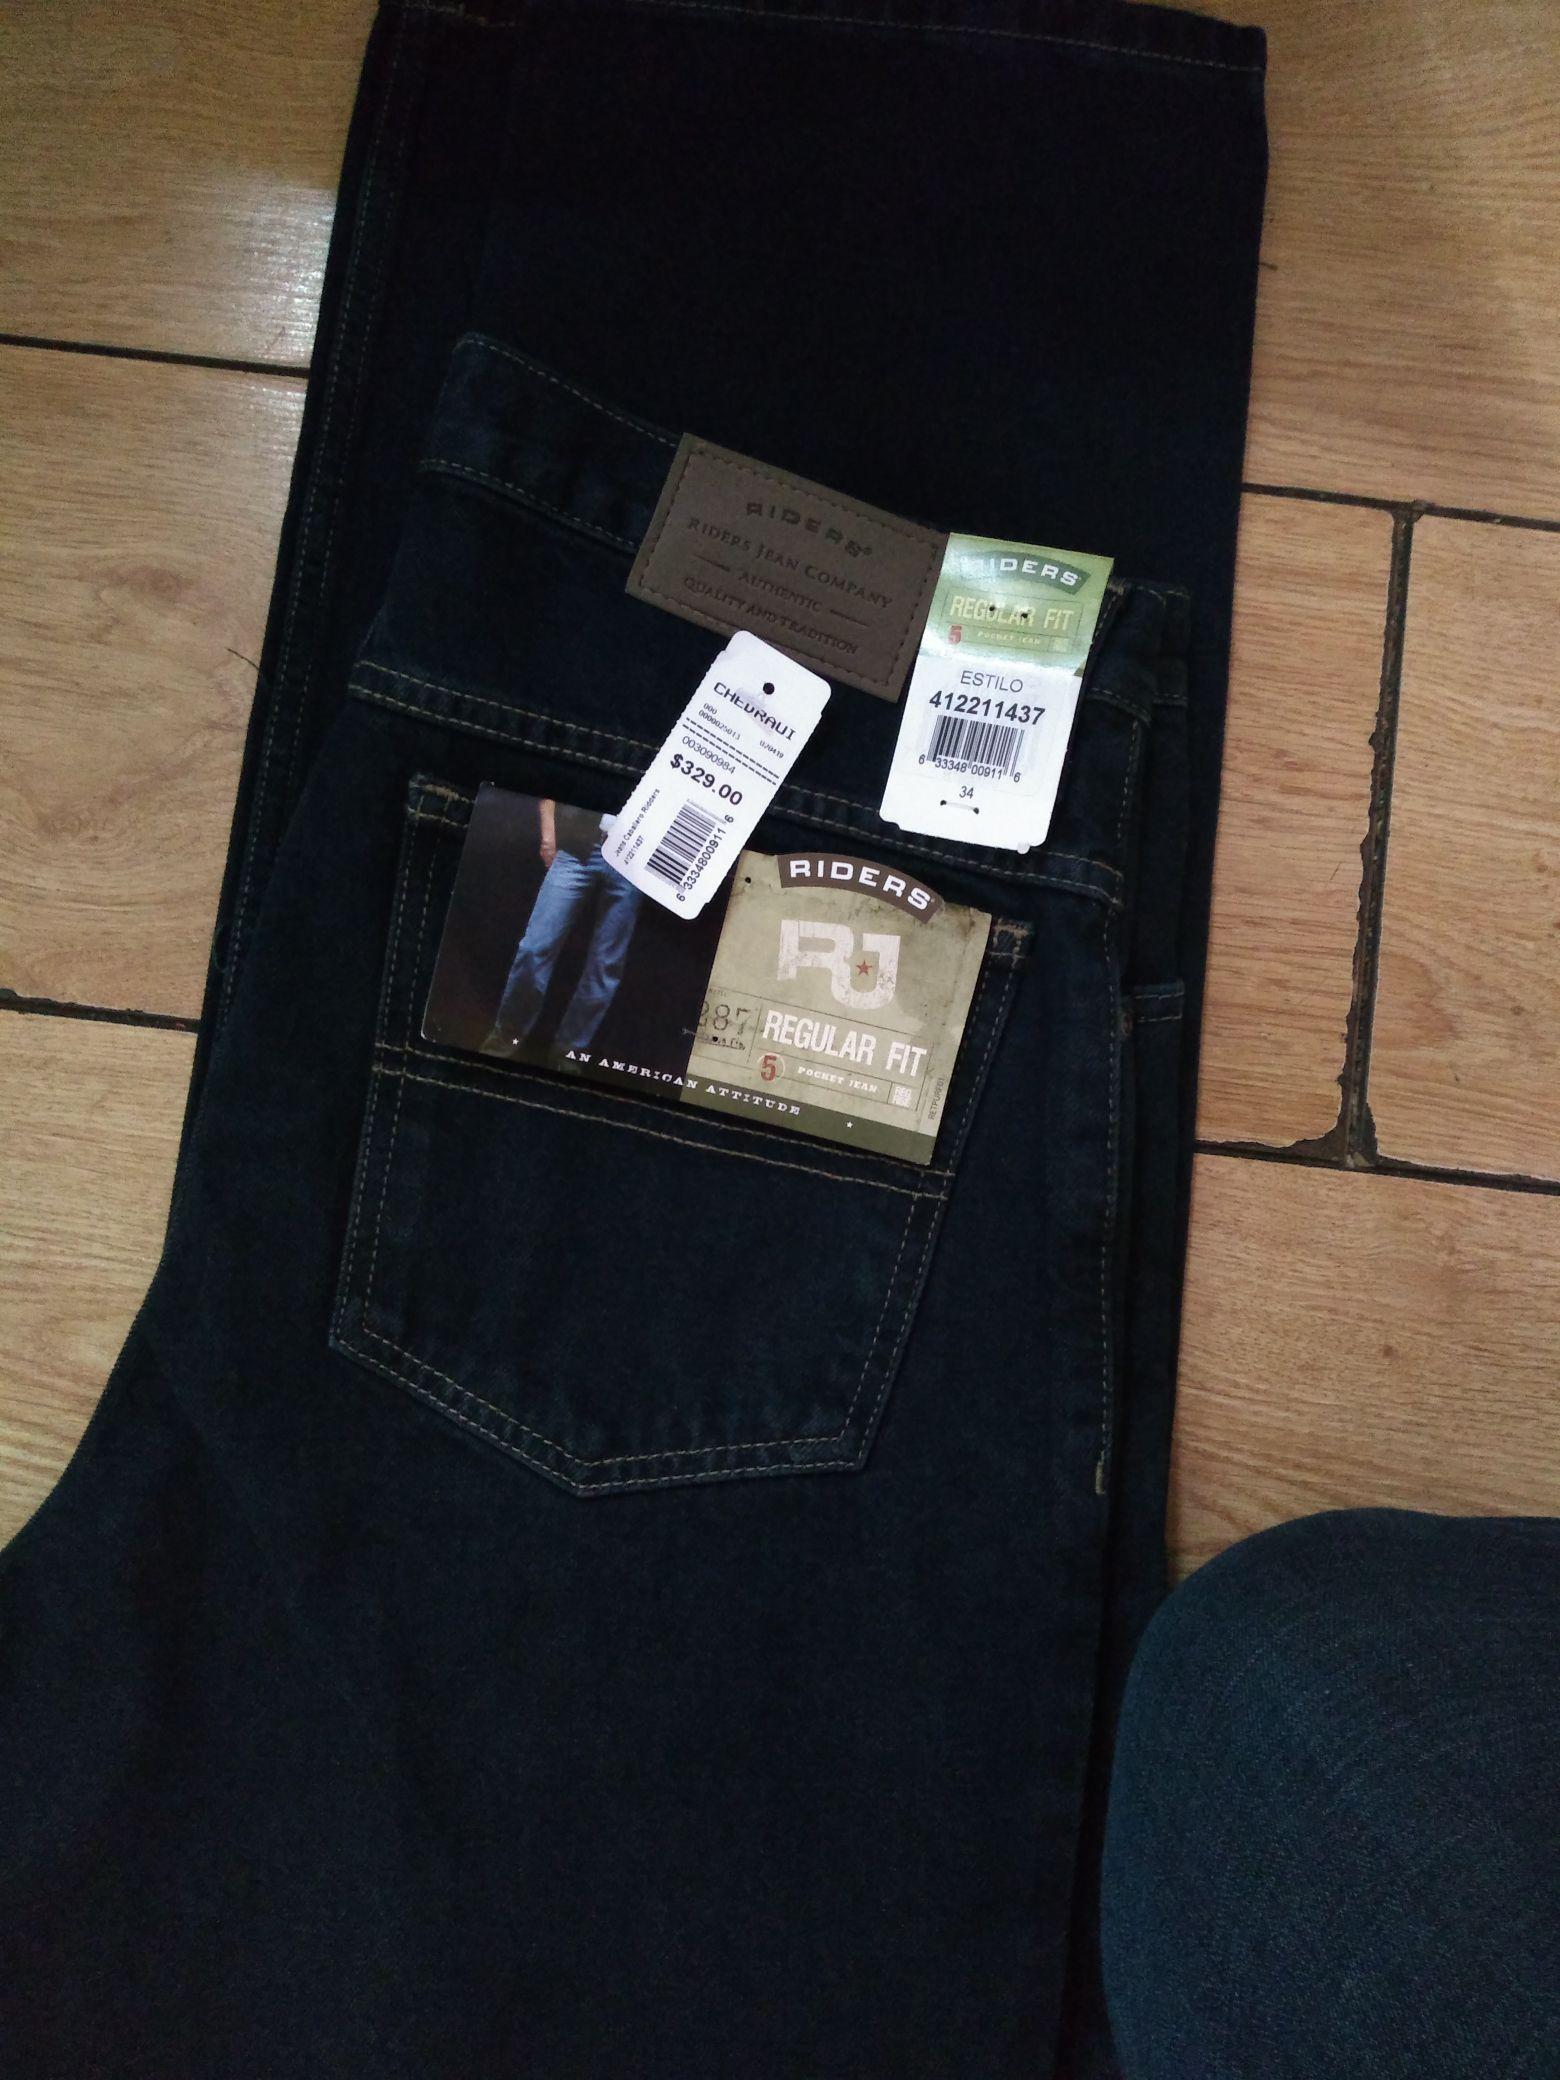 Chedraui Coapa CDMX : Pantalones Riders  $42